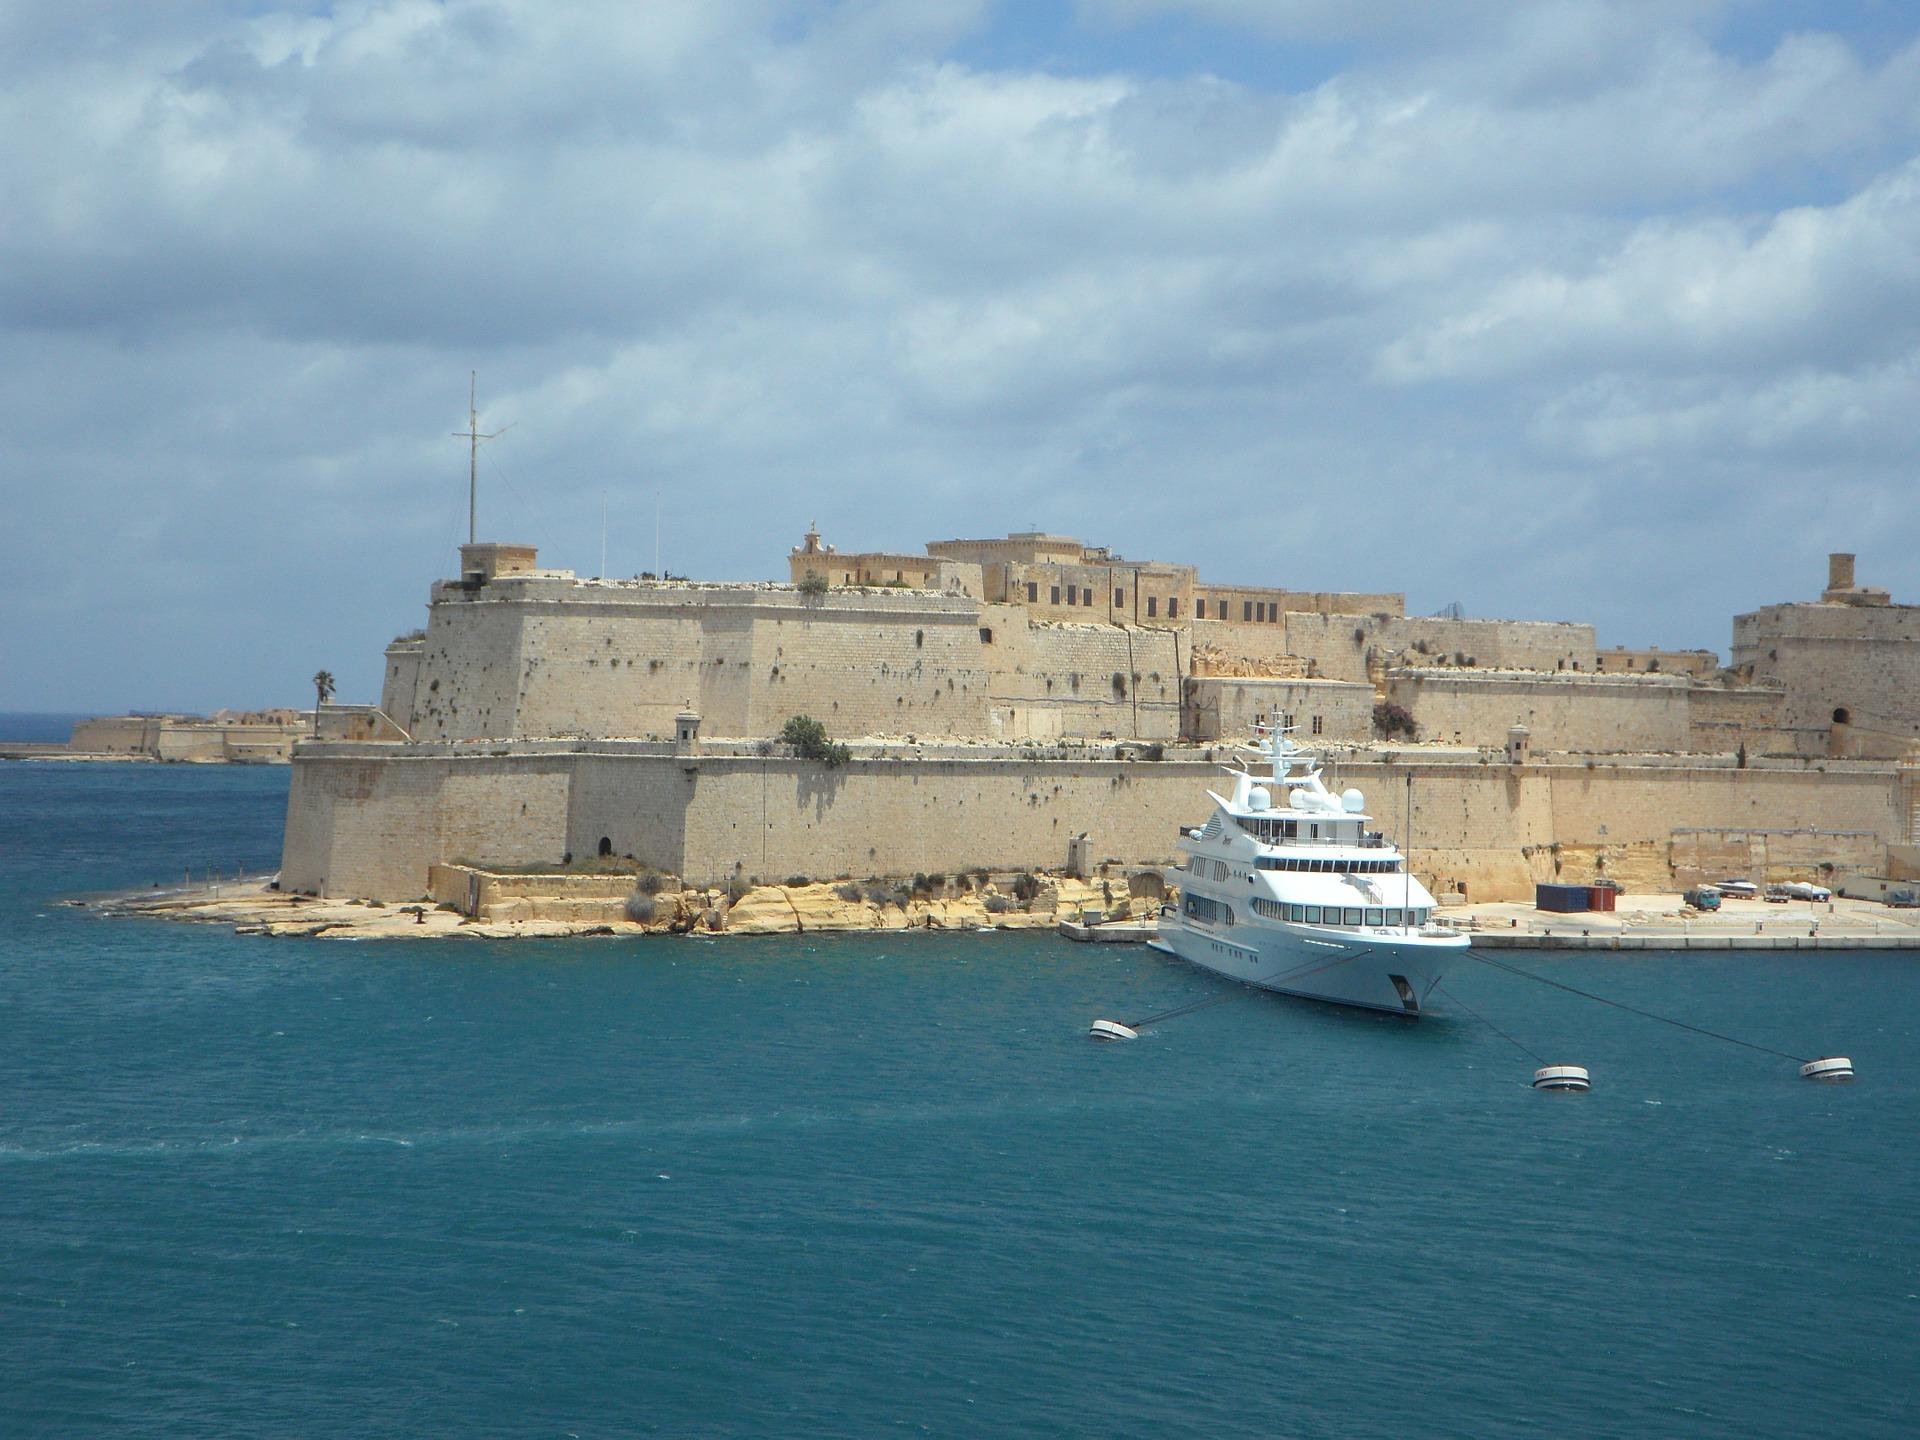 Malta Deals - tauch ein in einen Urlaub mit bauten aus der Vergangenheit & Shoppingmalls der Zukunft